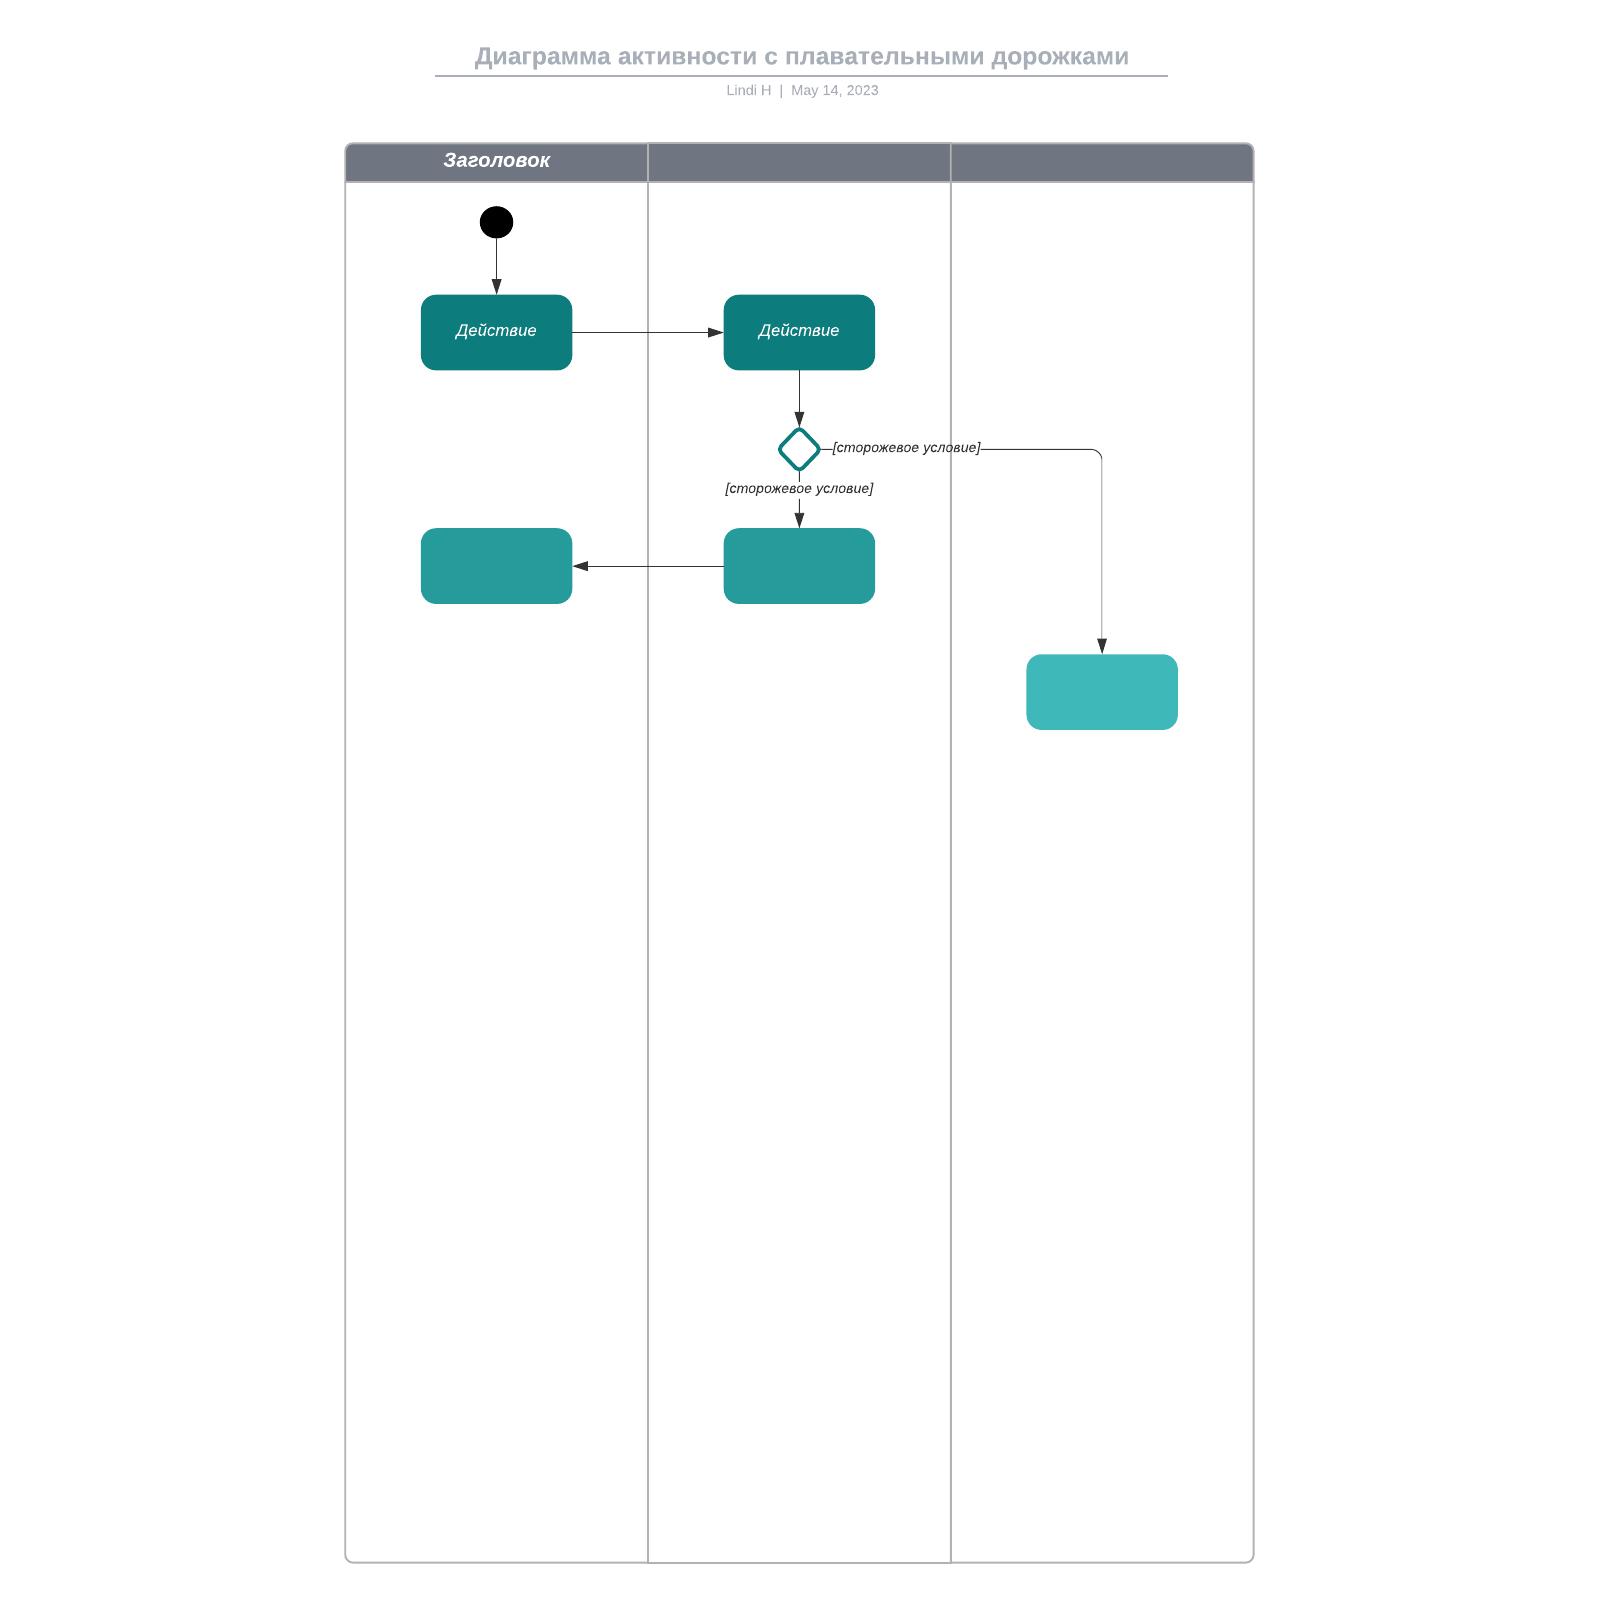 Диаграмма активности с плавательными дорожками